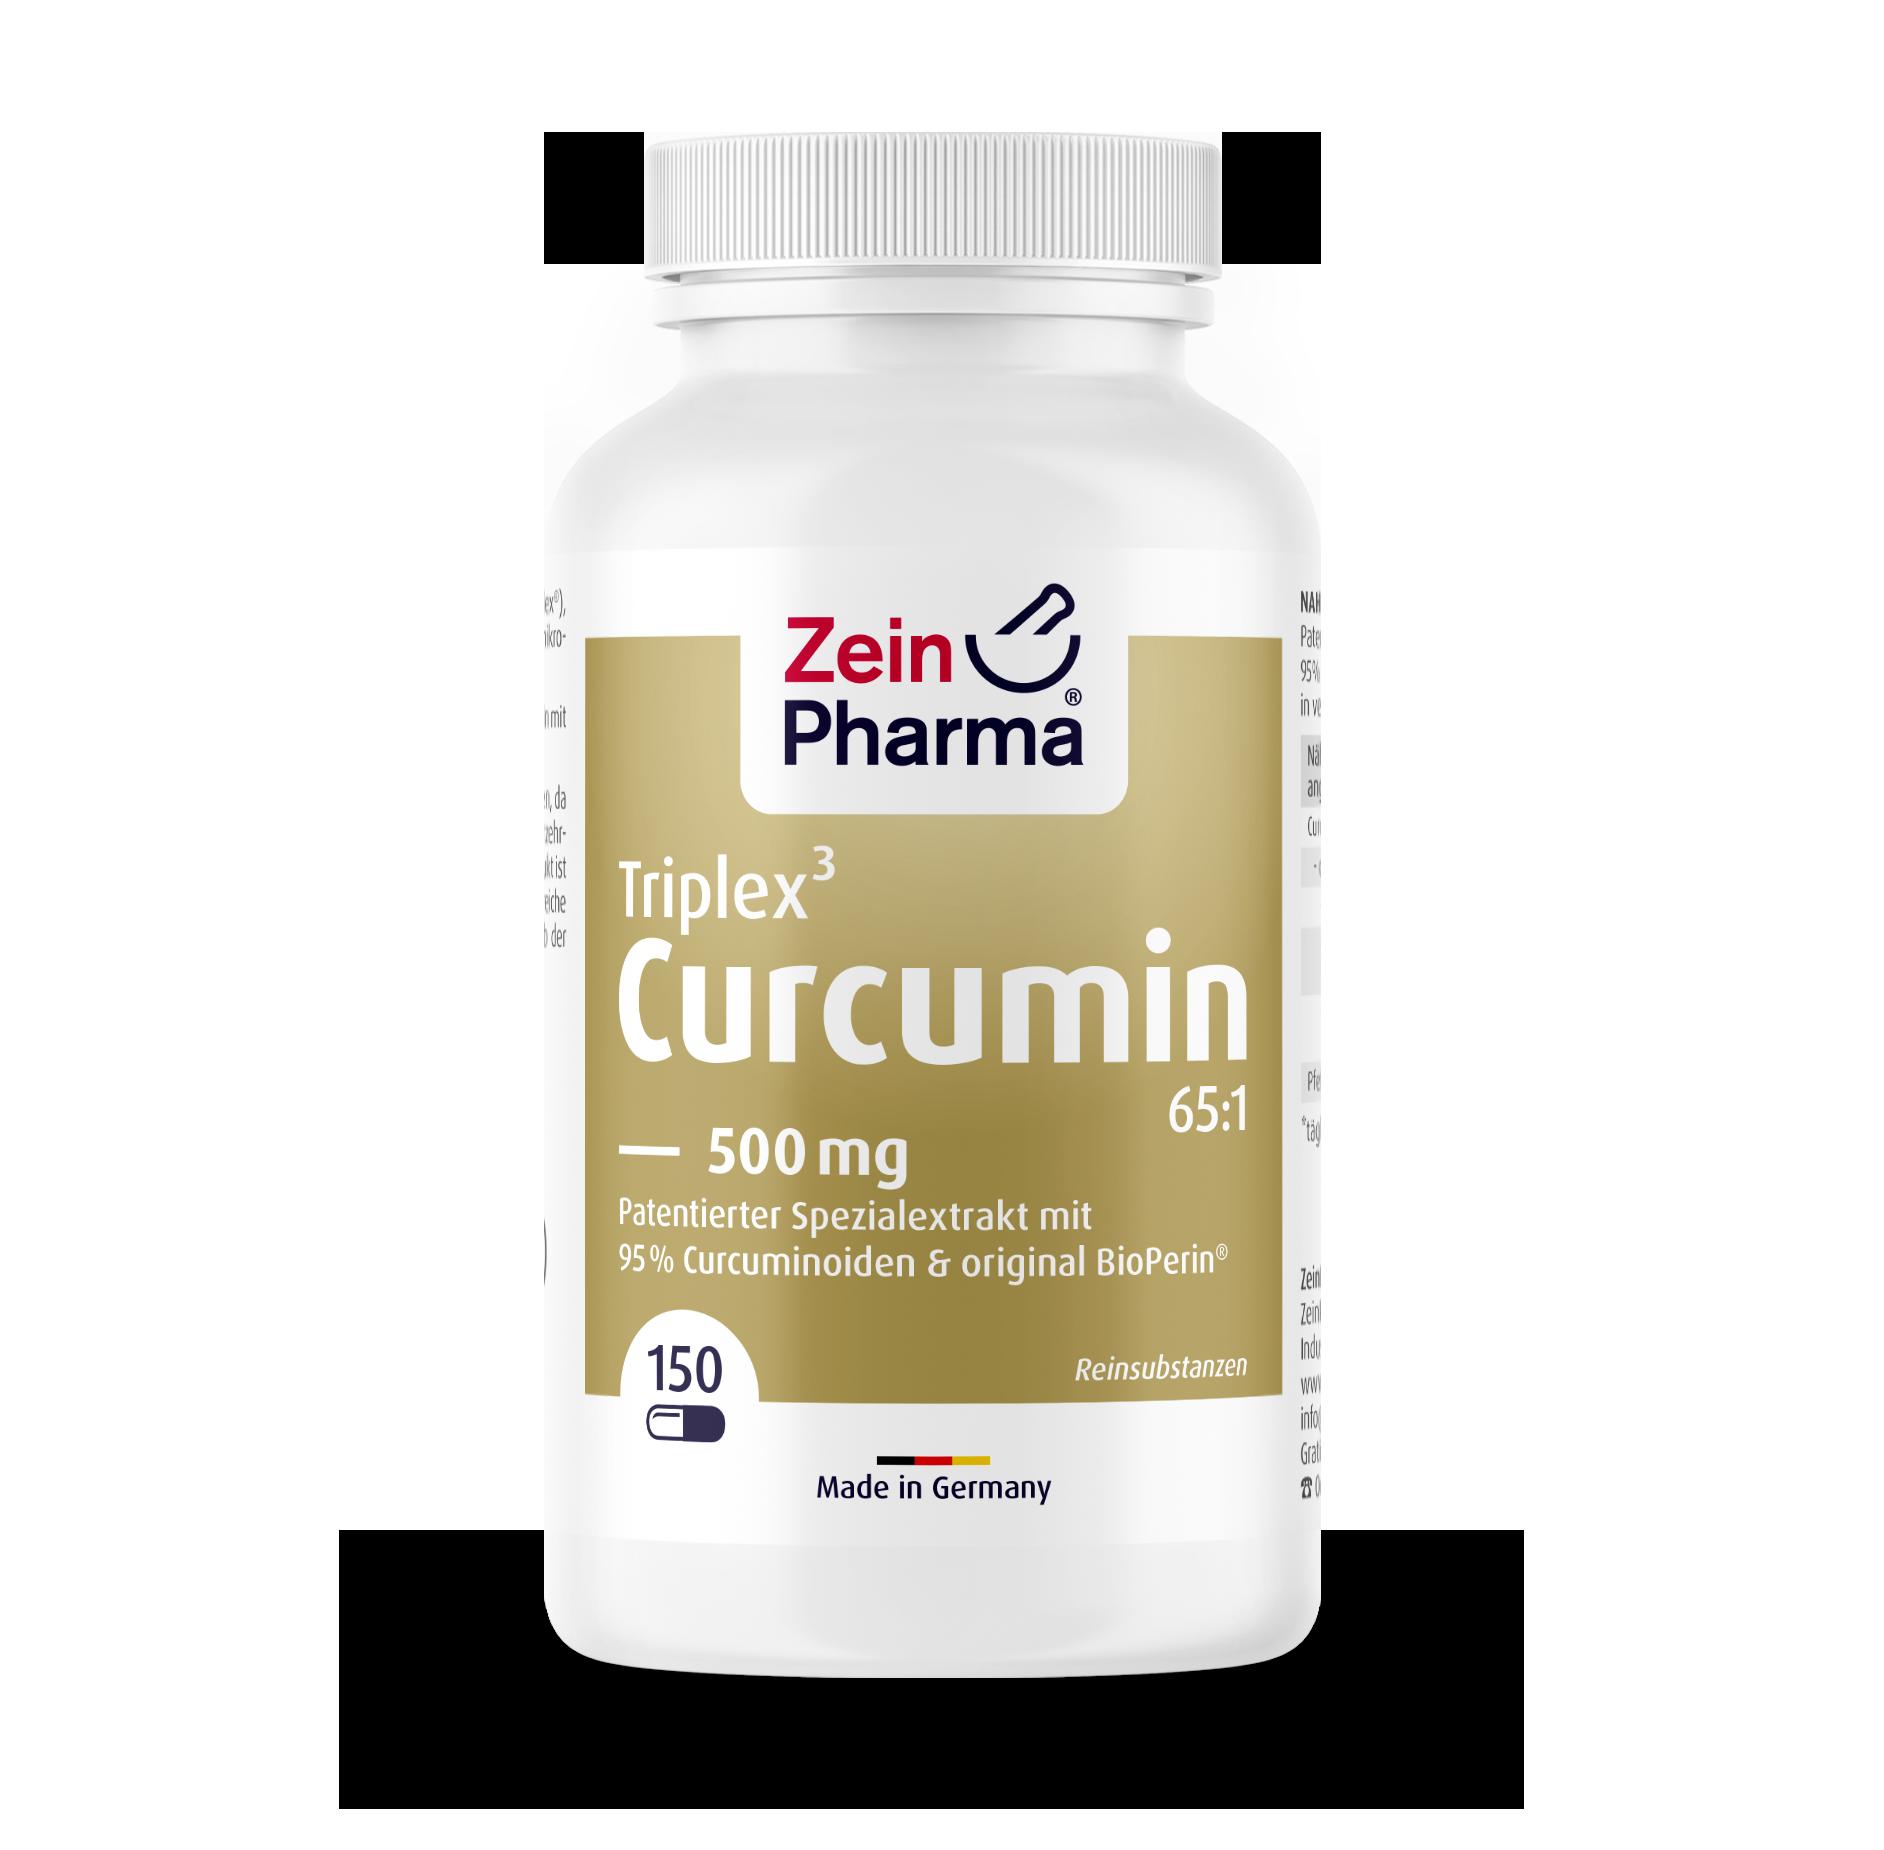 Curcumin-Triplex³ Capsules 500 mg